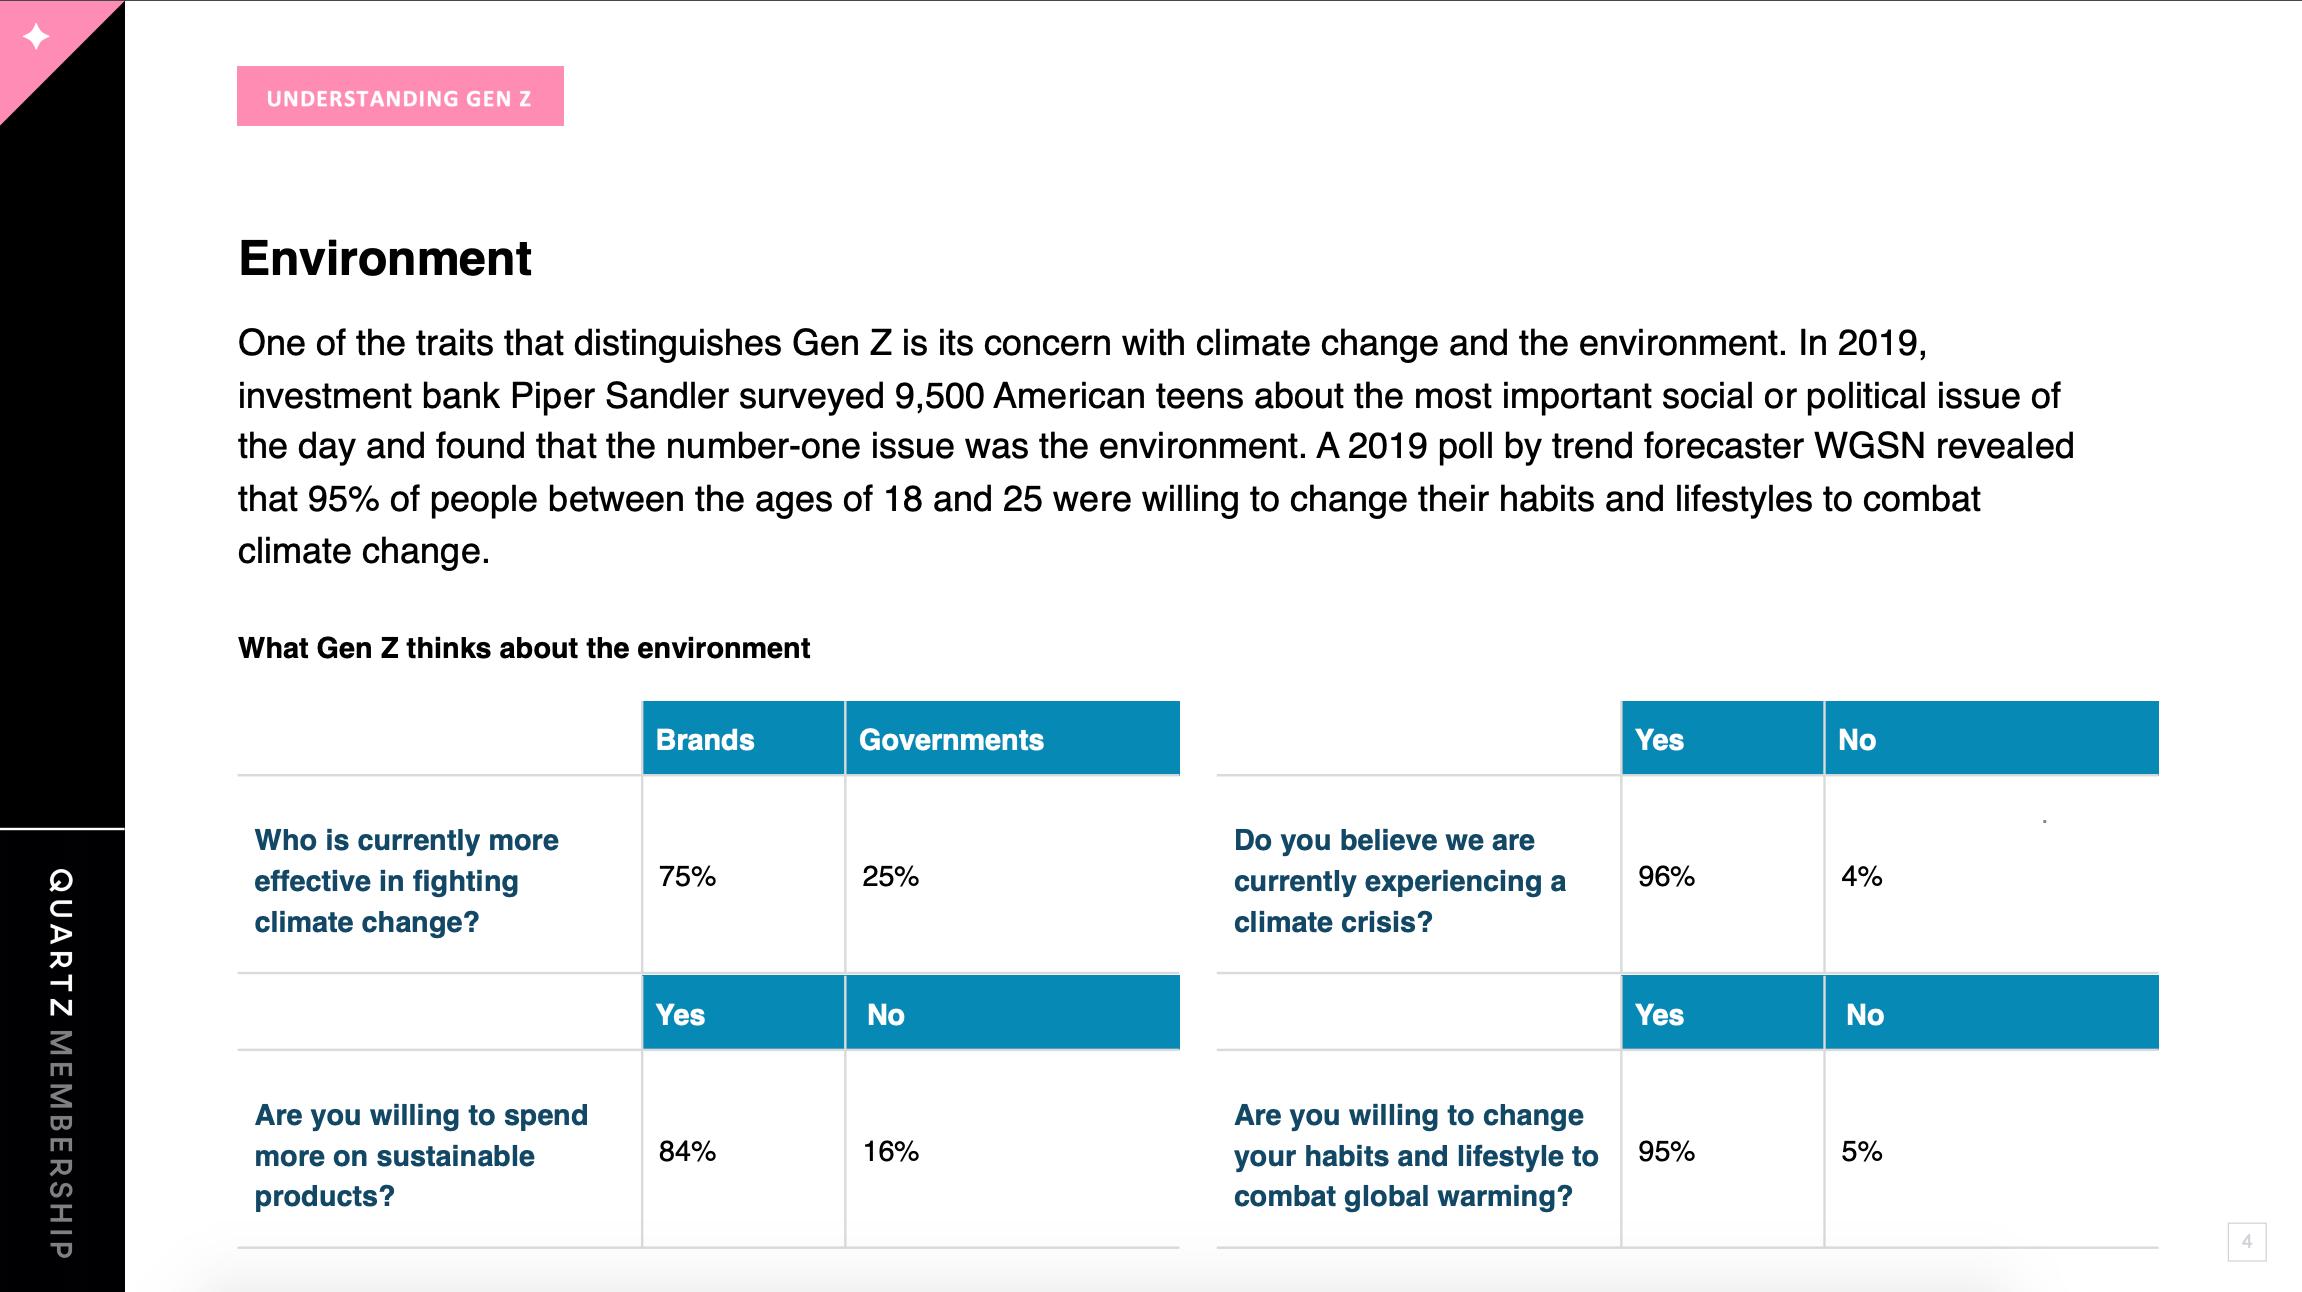 Um slide em powerpoint mostrando as atitudes da geração Z em relação às mudanças climáticas e ao meio ambiente.